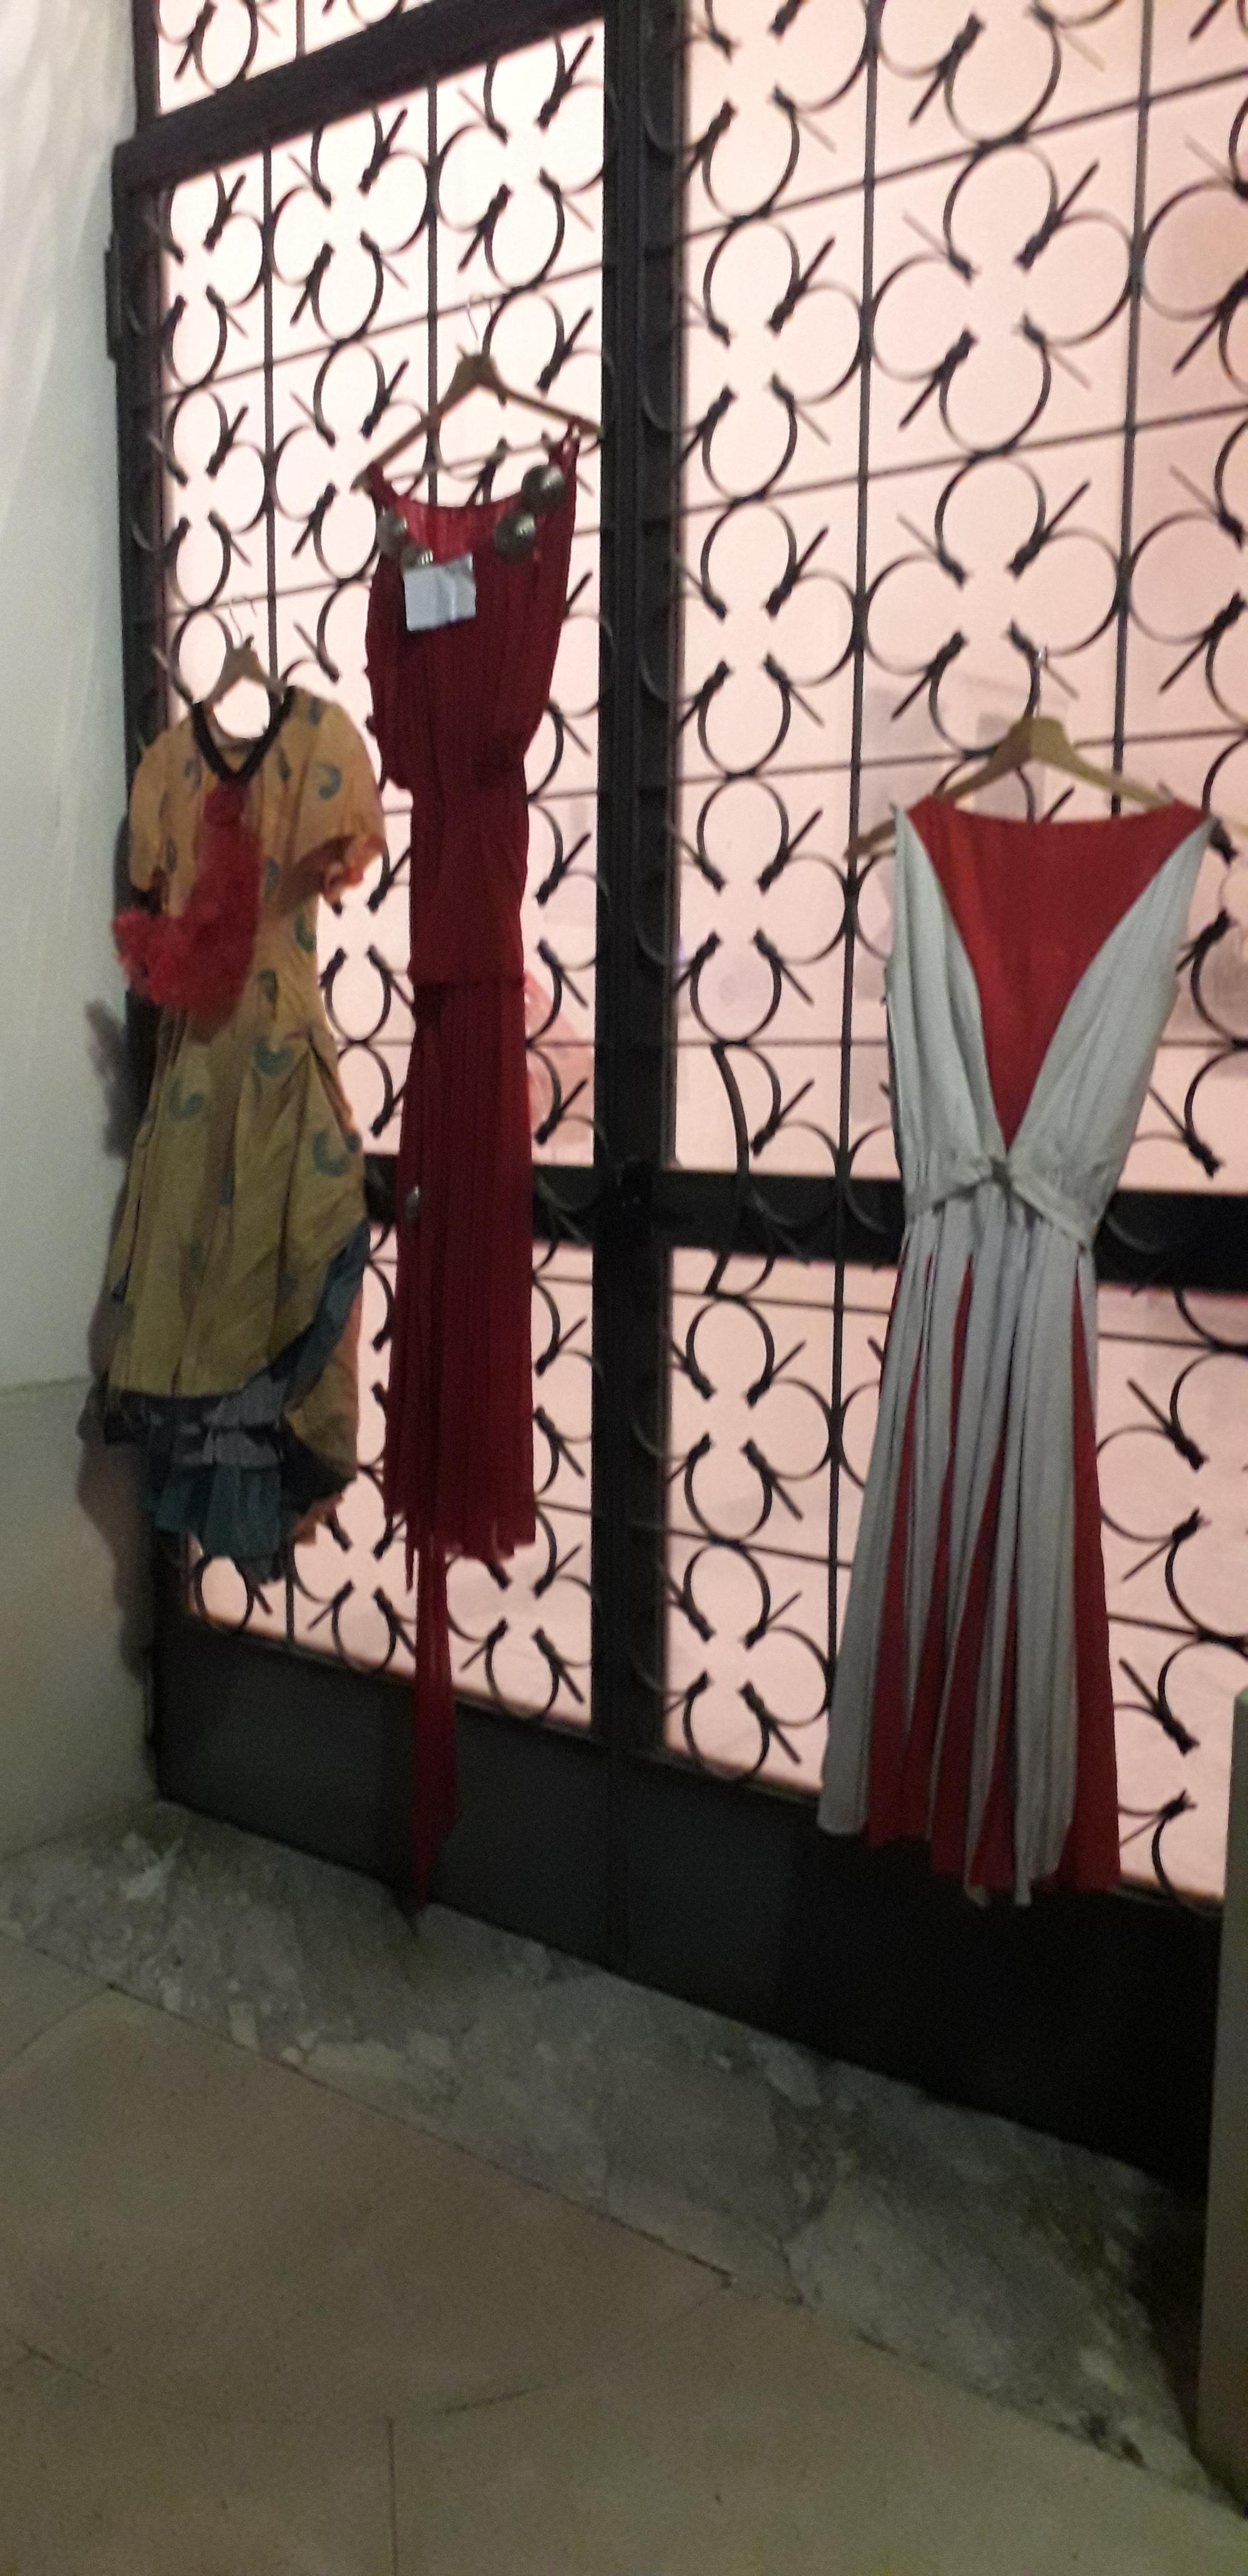 Benevento| Aperture musei, all'Archivio di Stato visitabile la mostra RO-MAT